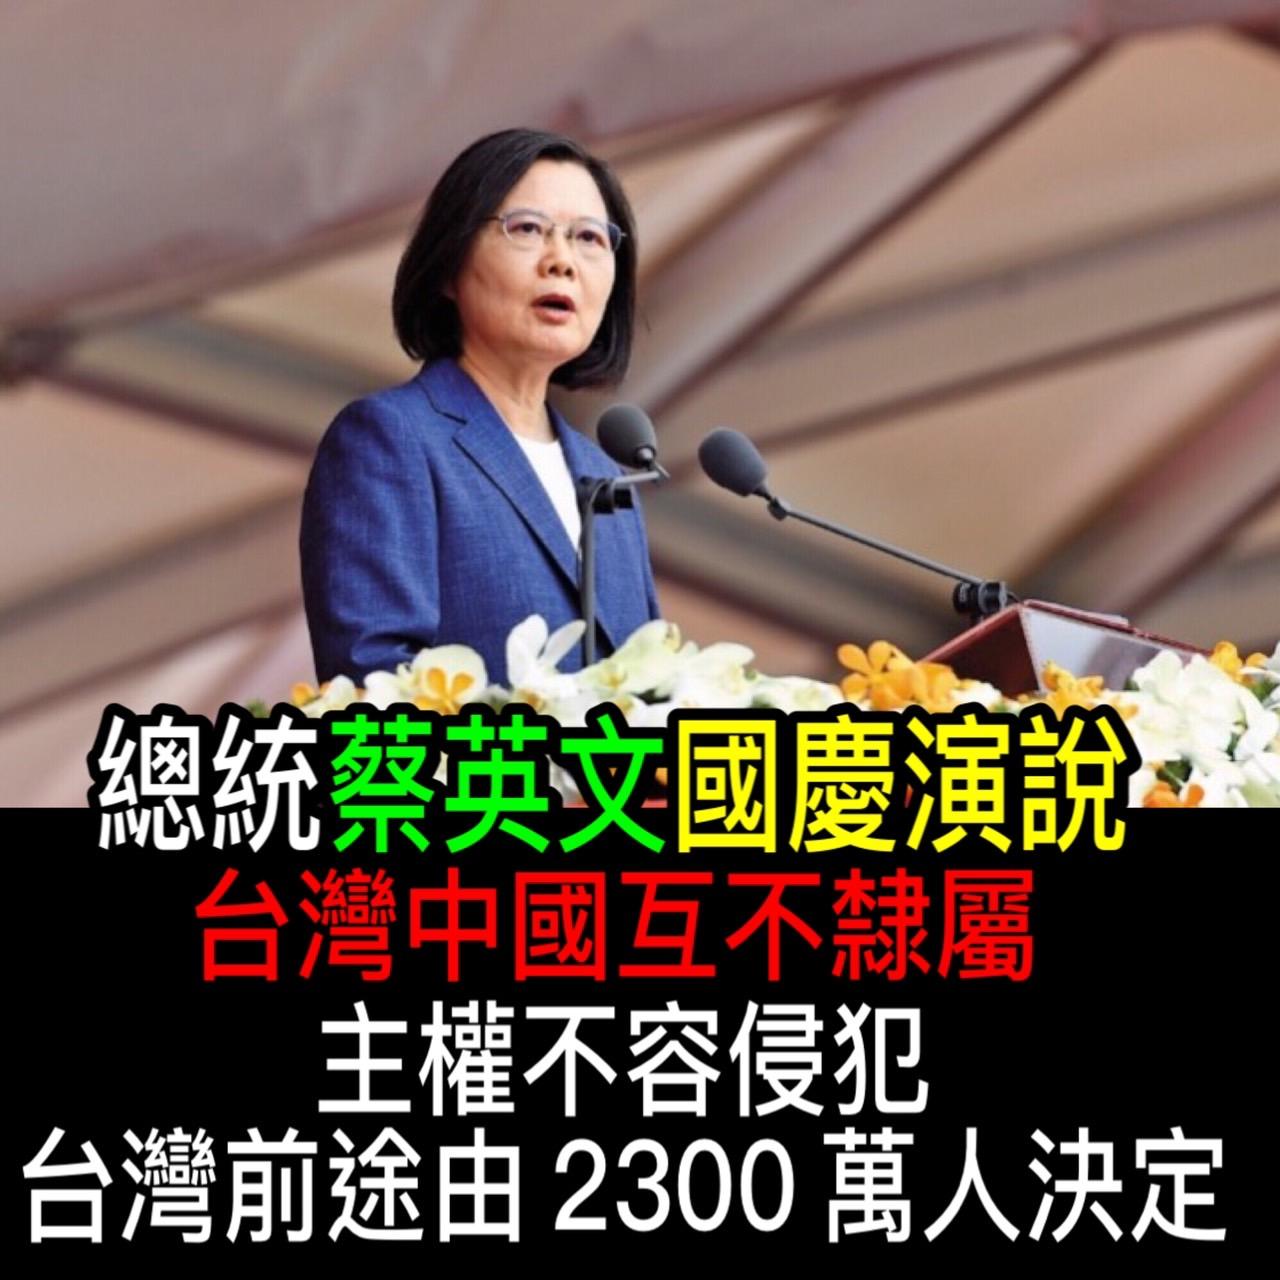 台灣總統蔡英文國慶演說,四個堅持PRC與ROC互不隸屬